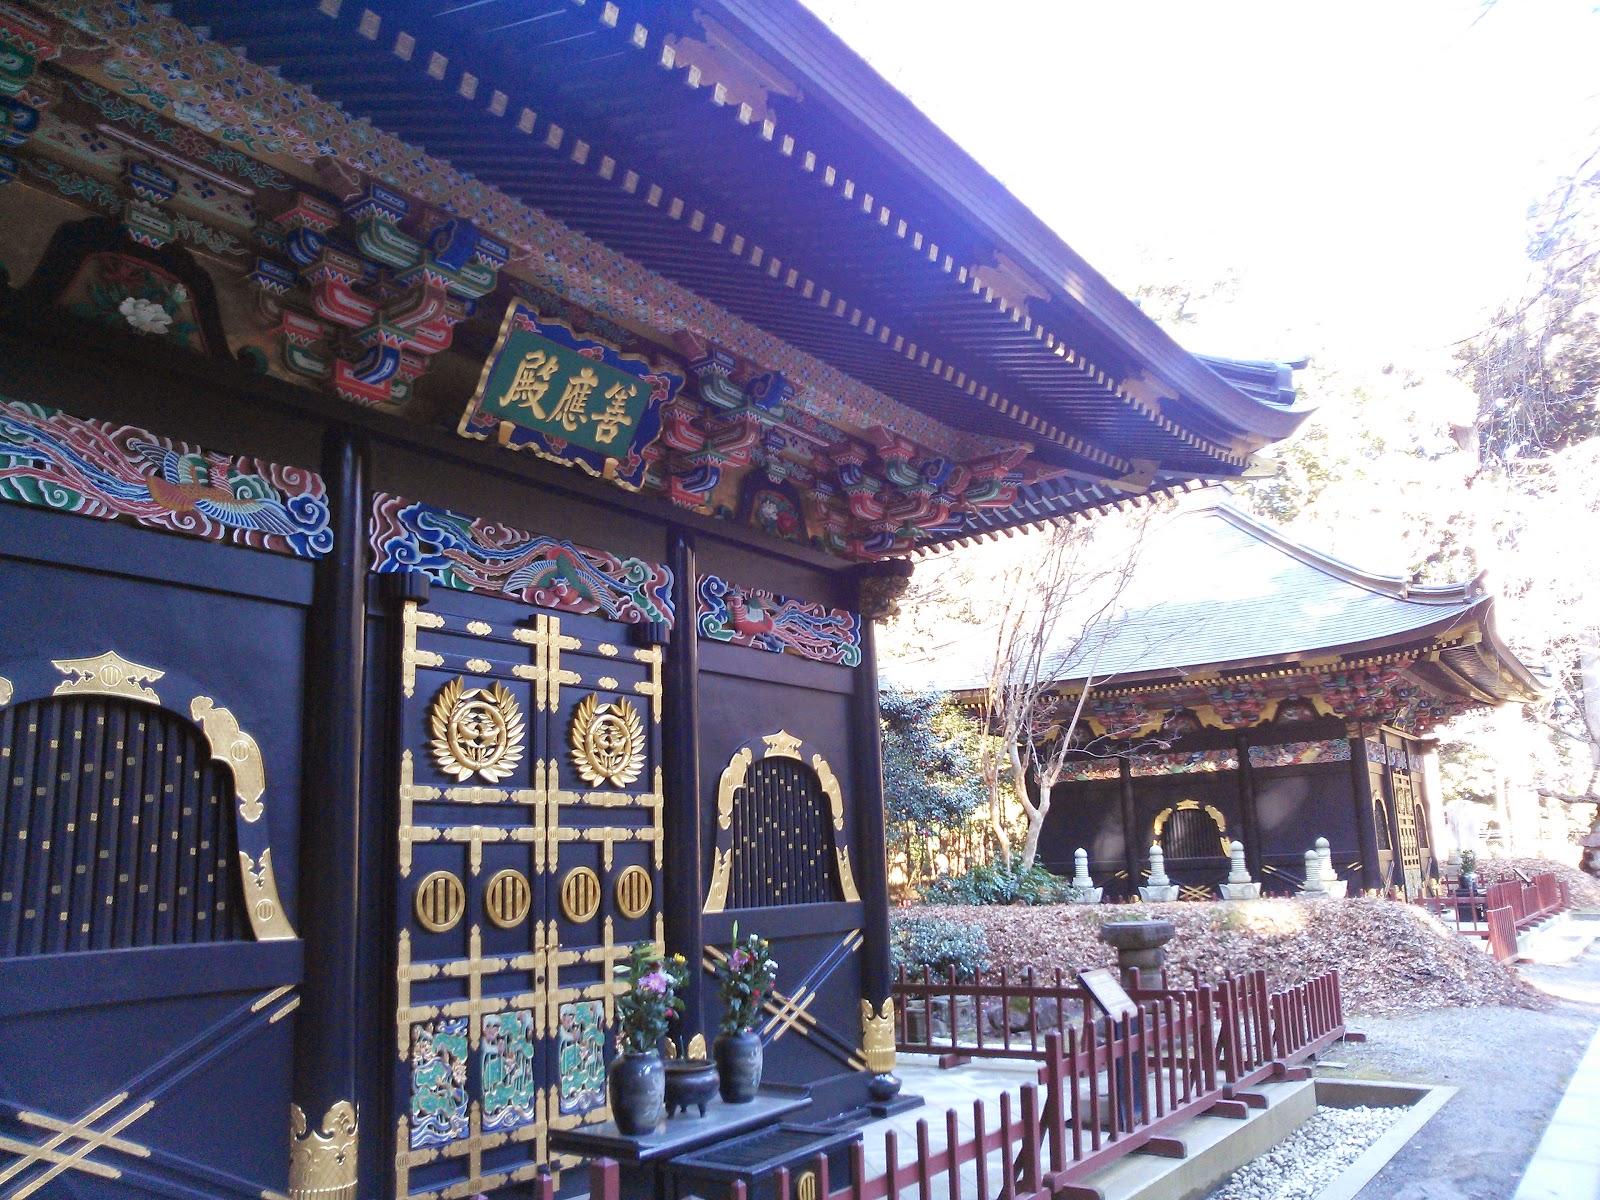 瑞鳳殿の霊屋